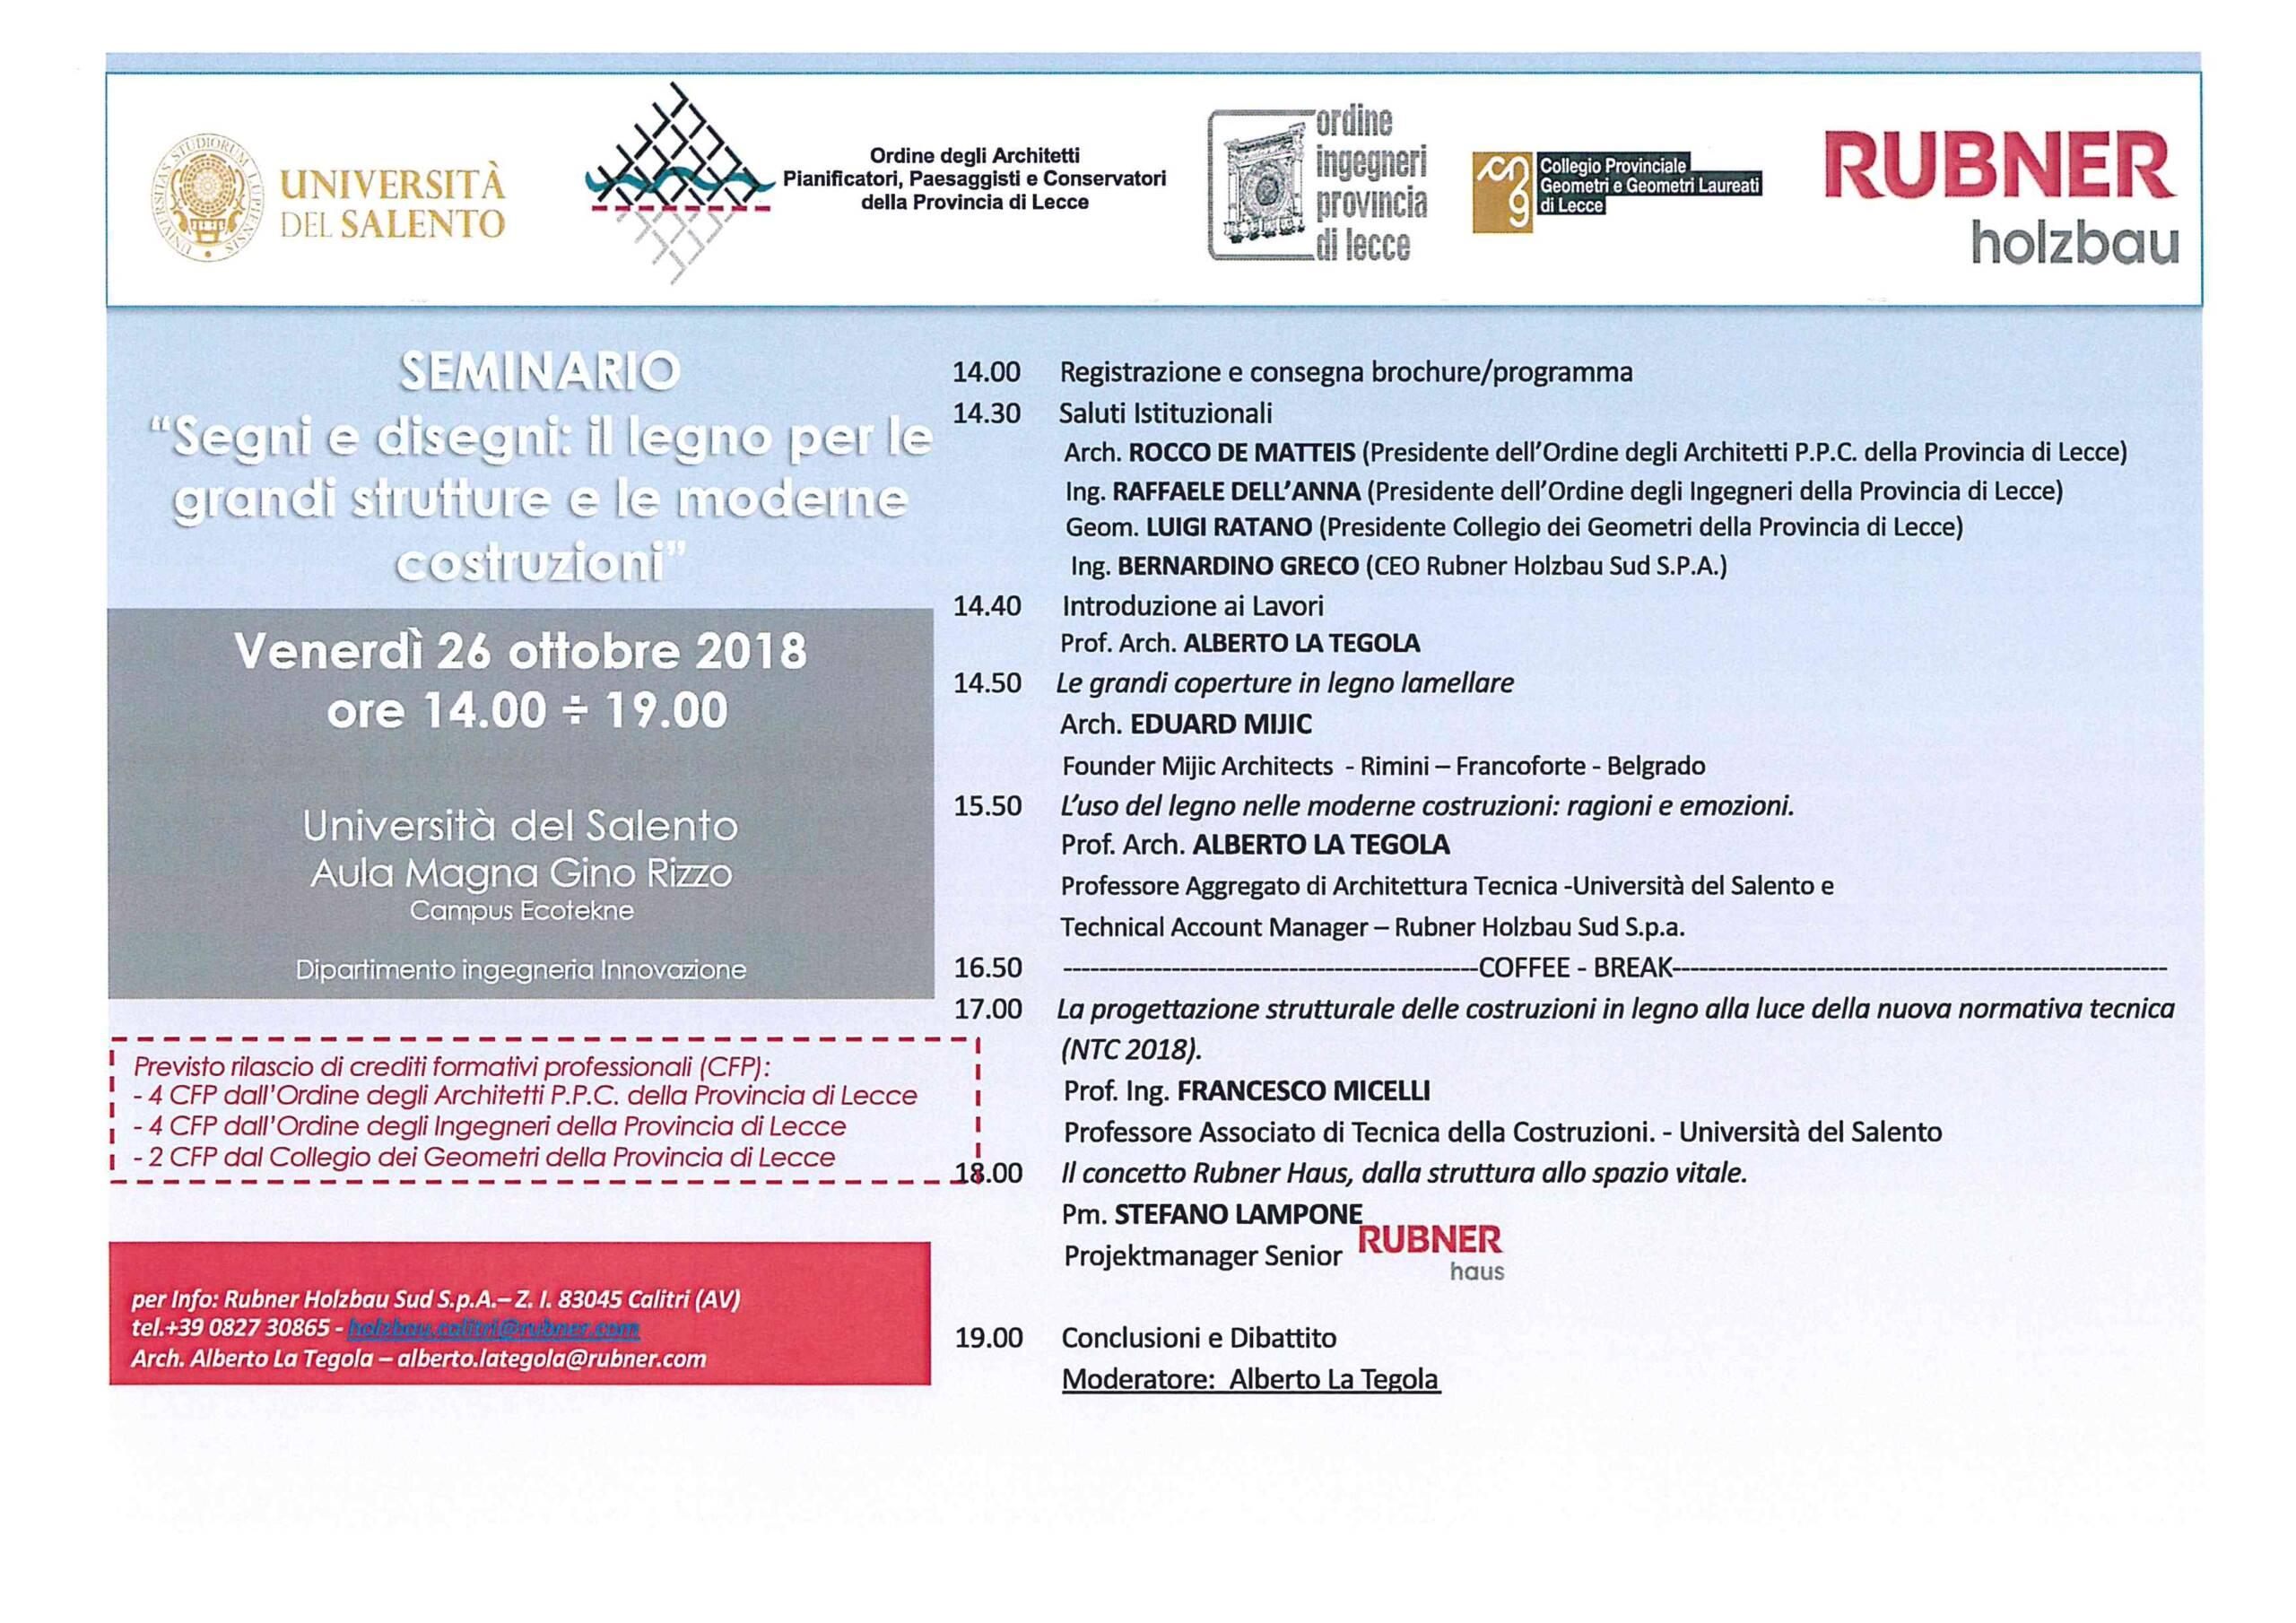 """Rubner Holzbau – Seminario """"Segni e disegni: il legno per le grandi strutture e le moderne costruzioni"""" – Lecce 26/10/2018"""